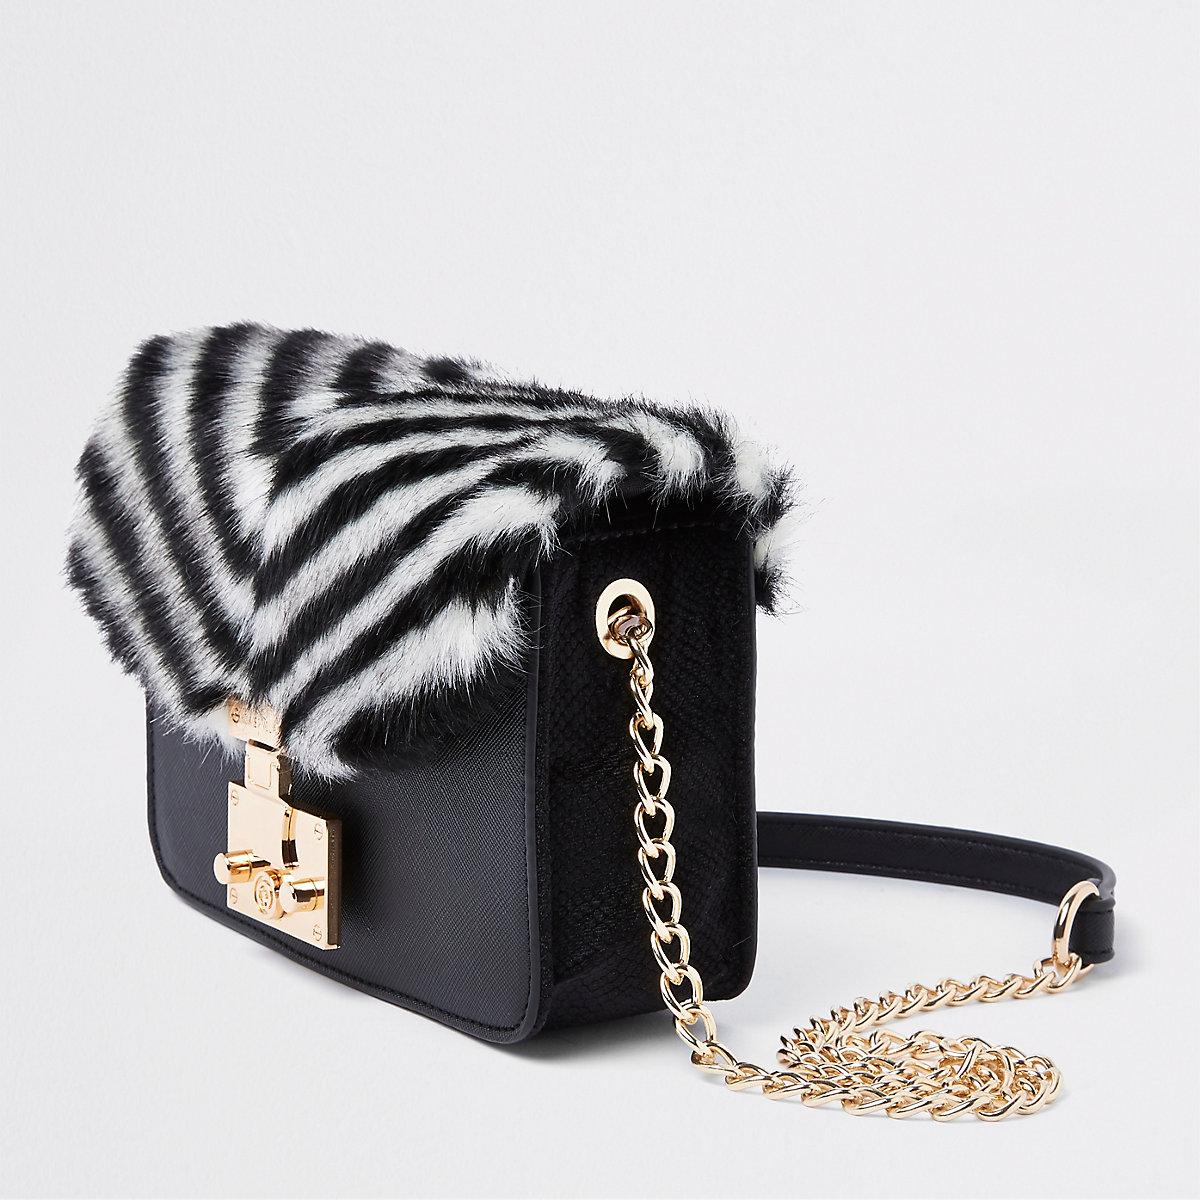 a15d56f651ec Black faux fur stripe cross body bag - Cross Body Bags - Bags   Purses -  women